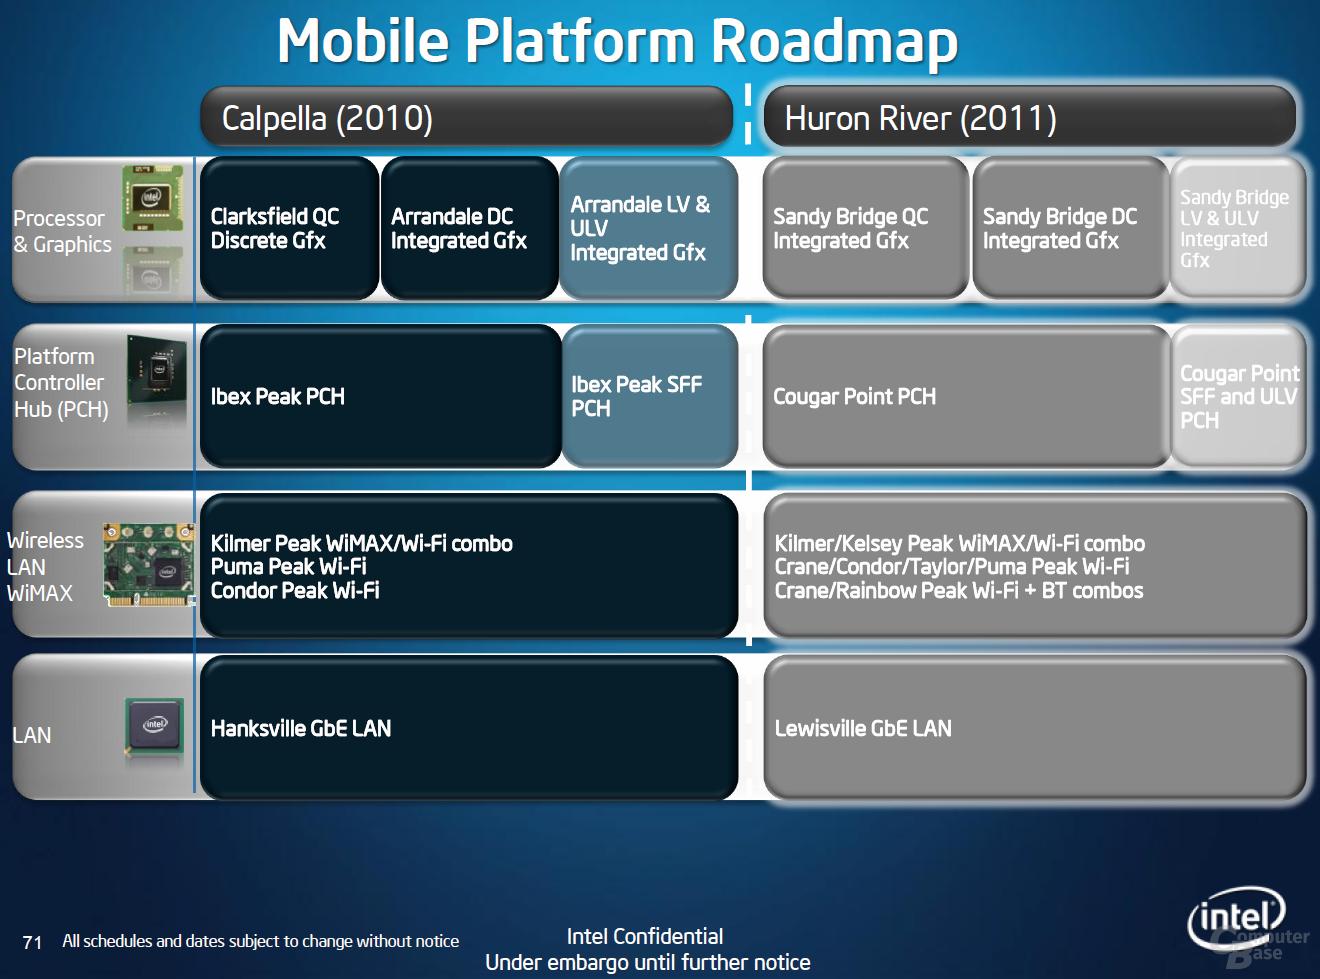 Mobile Roadmap